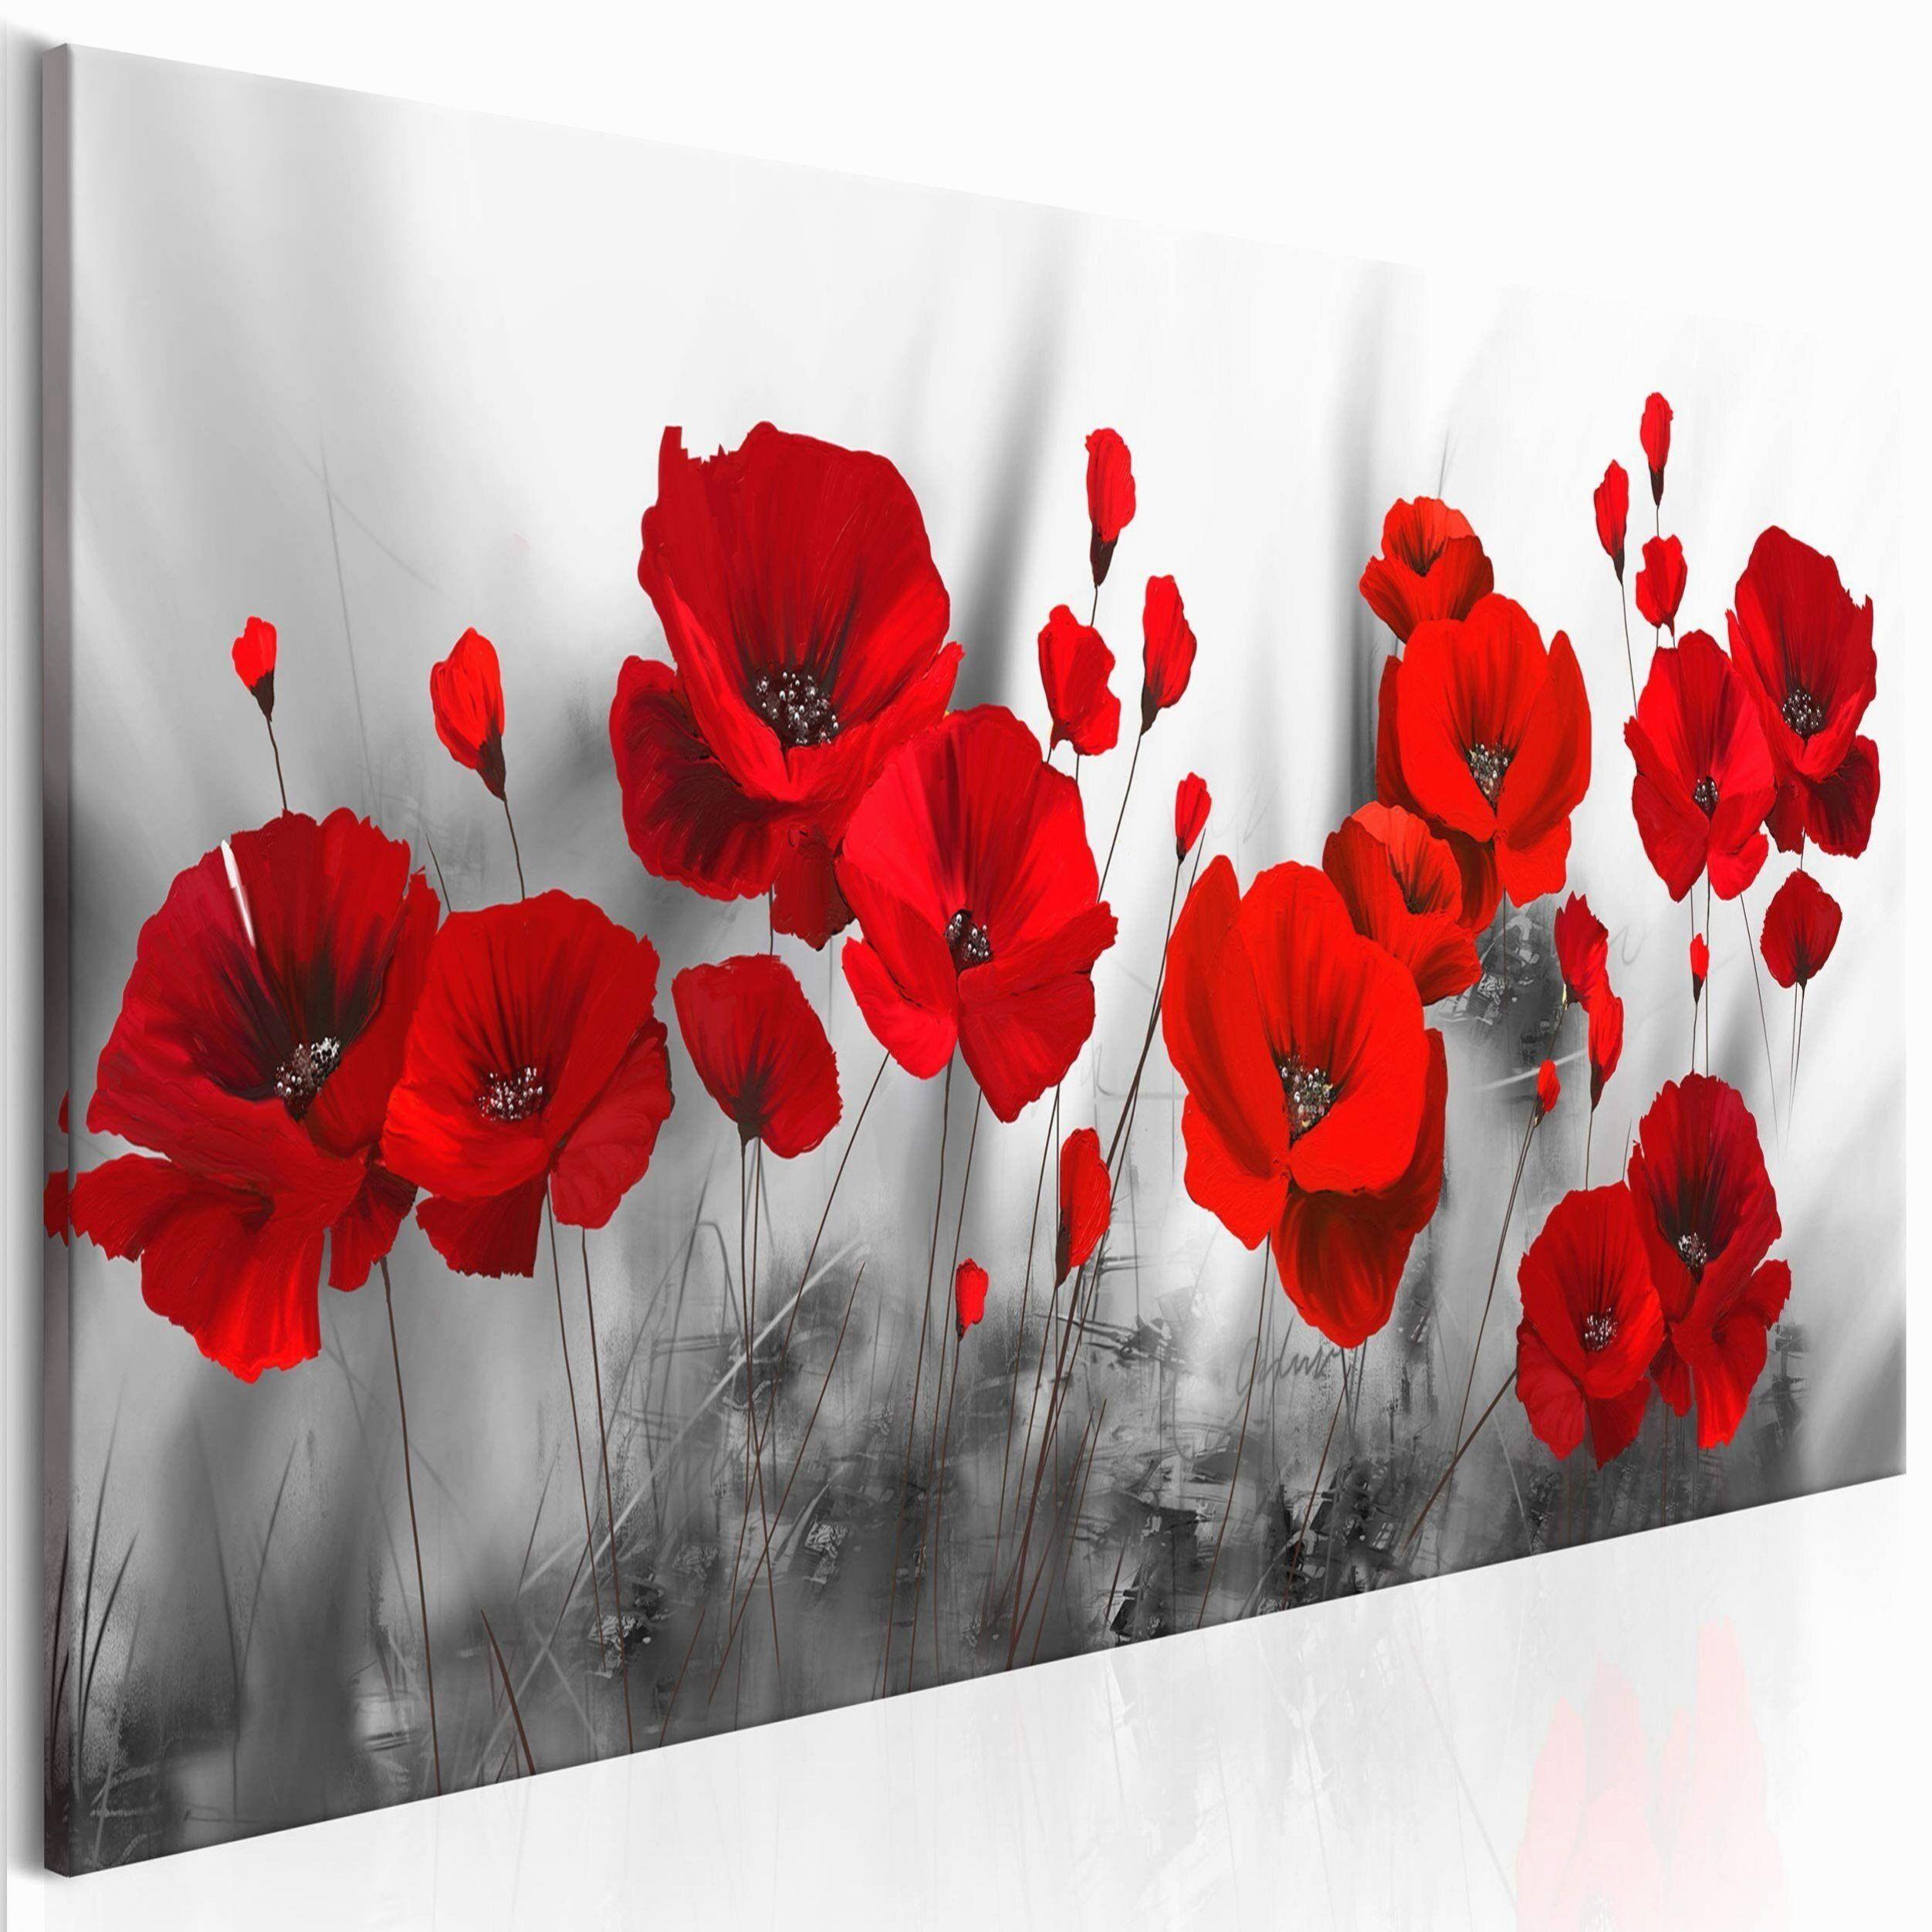 Decomonkey Bilder Blumen Mohnblumen Rot 150x Cm 1 Teilig Leinwandbilder Bild Auf Leinwand Vlies Wandbild Kunstdruck Wandd In 2020 Mohn Malerei Blumen Gemalde Mohnblume